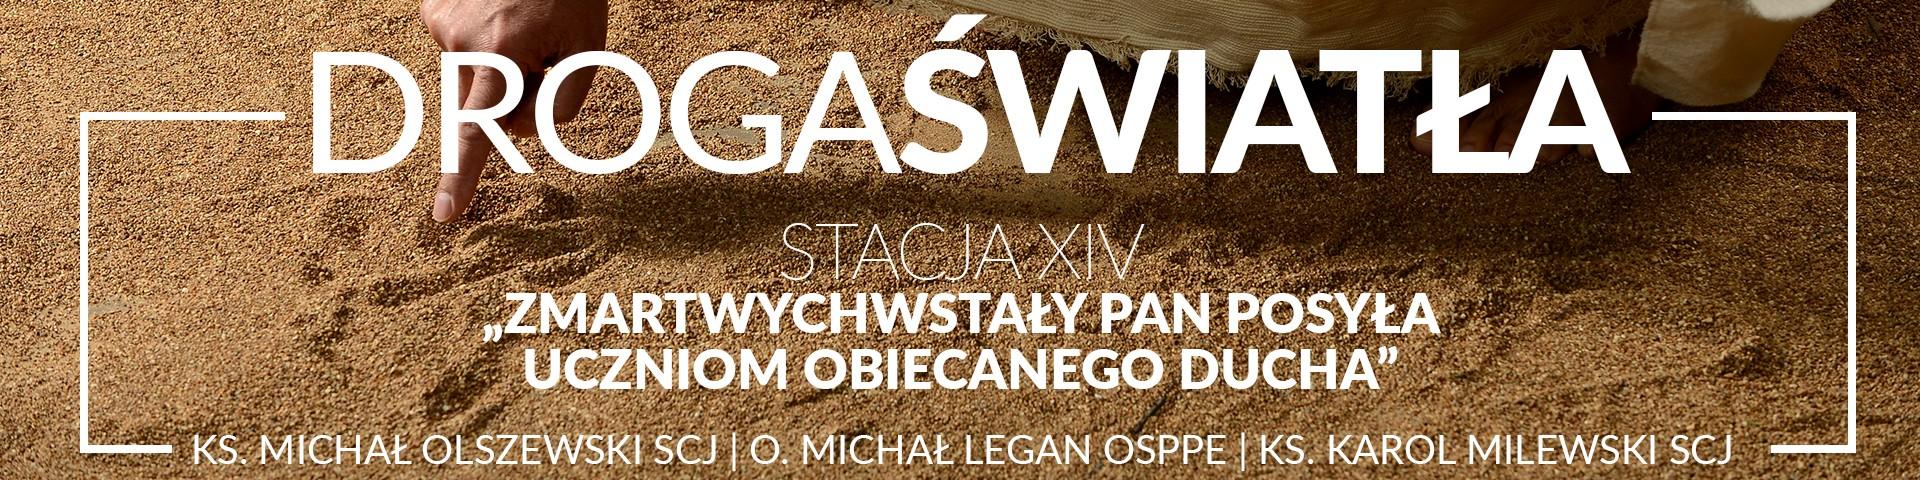 Droga Światła - Stacja XIV: Zmartwychwstały Pan posyła uczniom obiecanego Ducha - O. Michał Legan OSPPE (video)